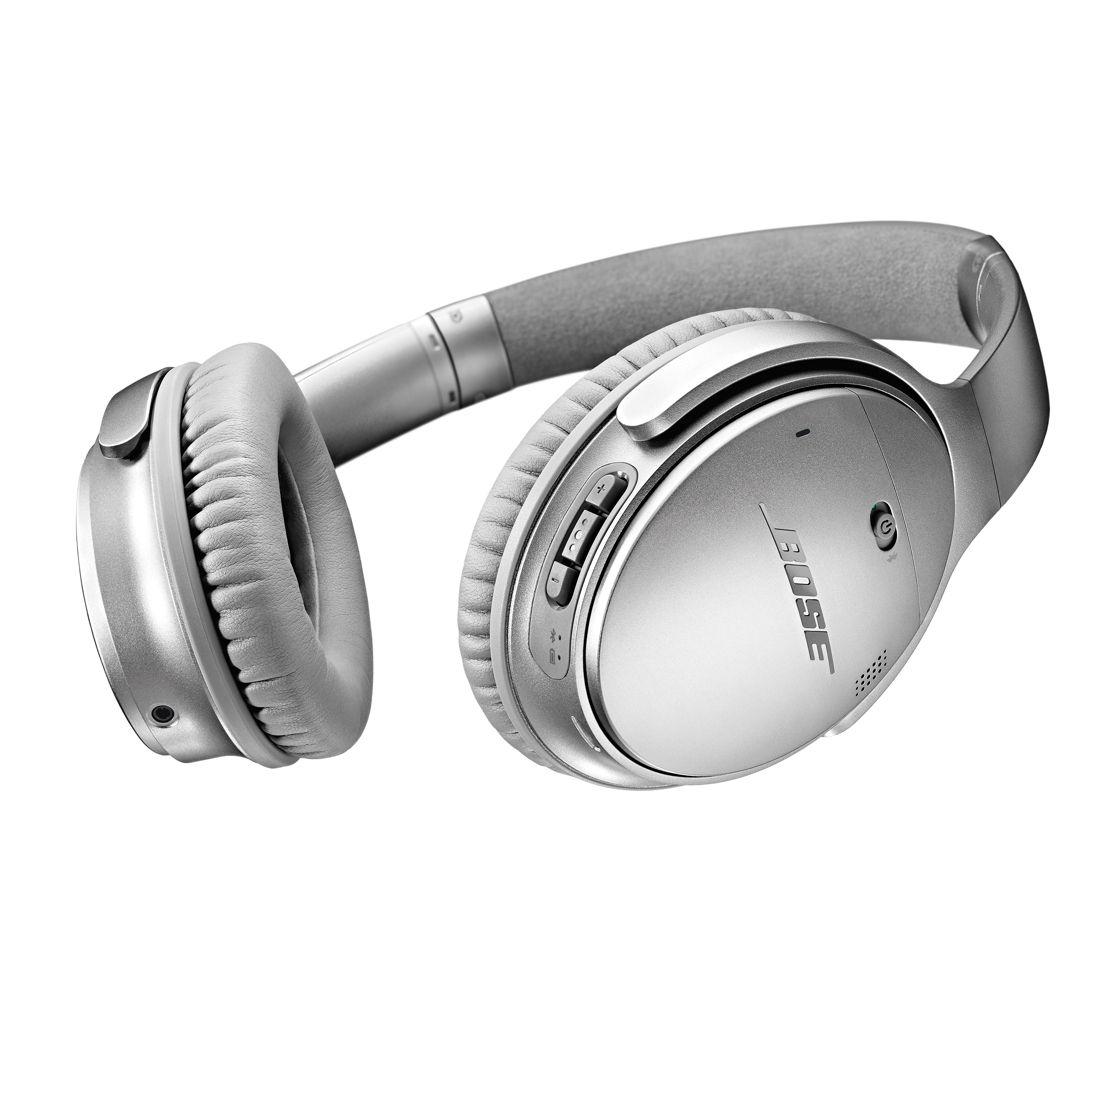 Bose - QuietComfort 35 - 379,95 €